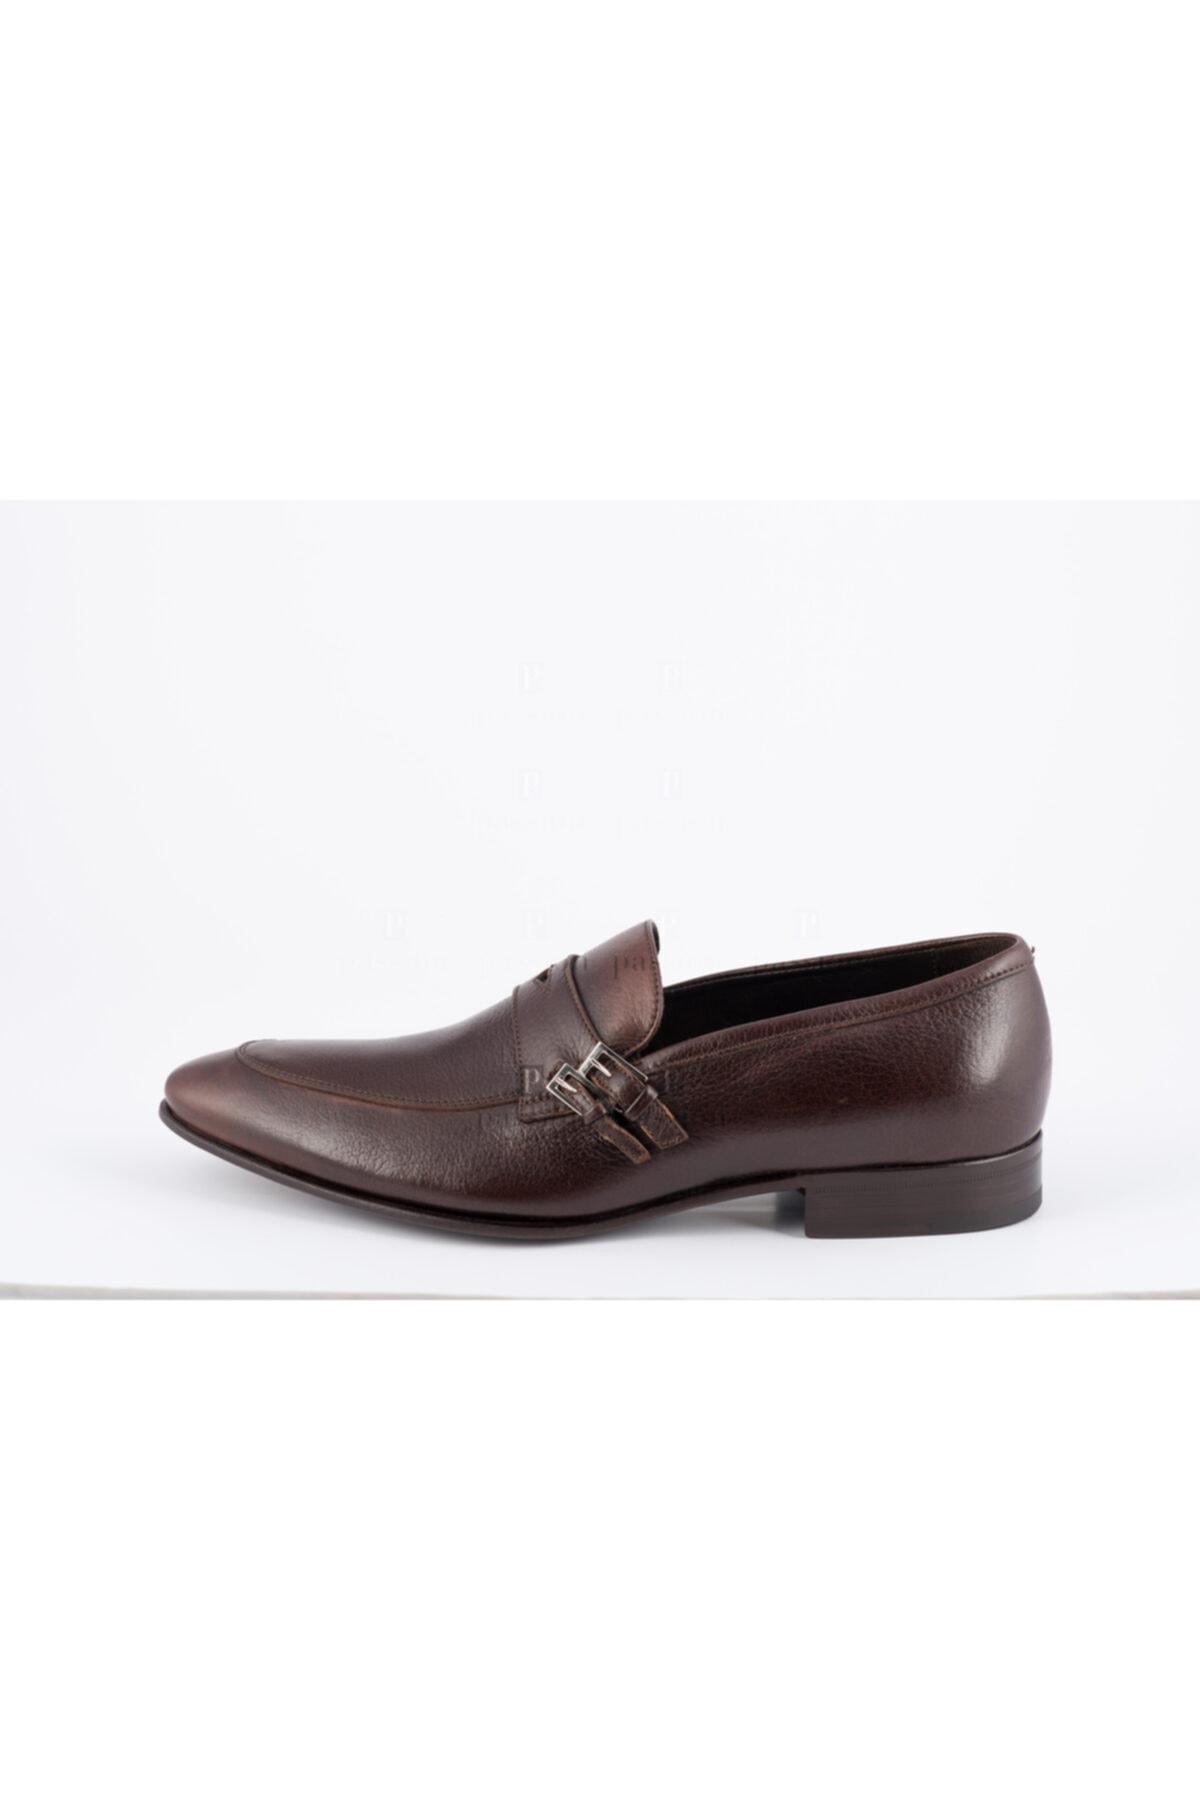 ALBERTO GUARDIANI Klasik Ayakkabı 1